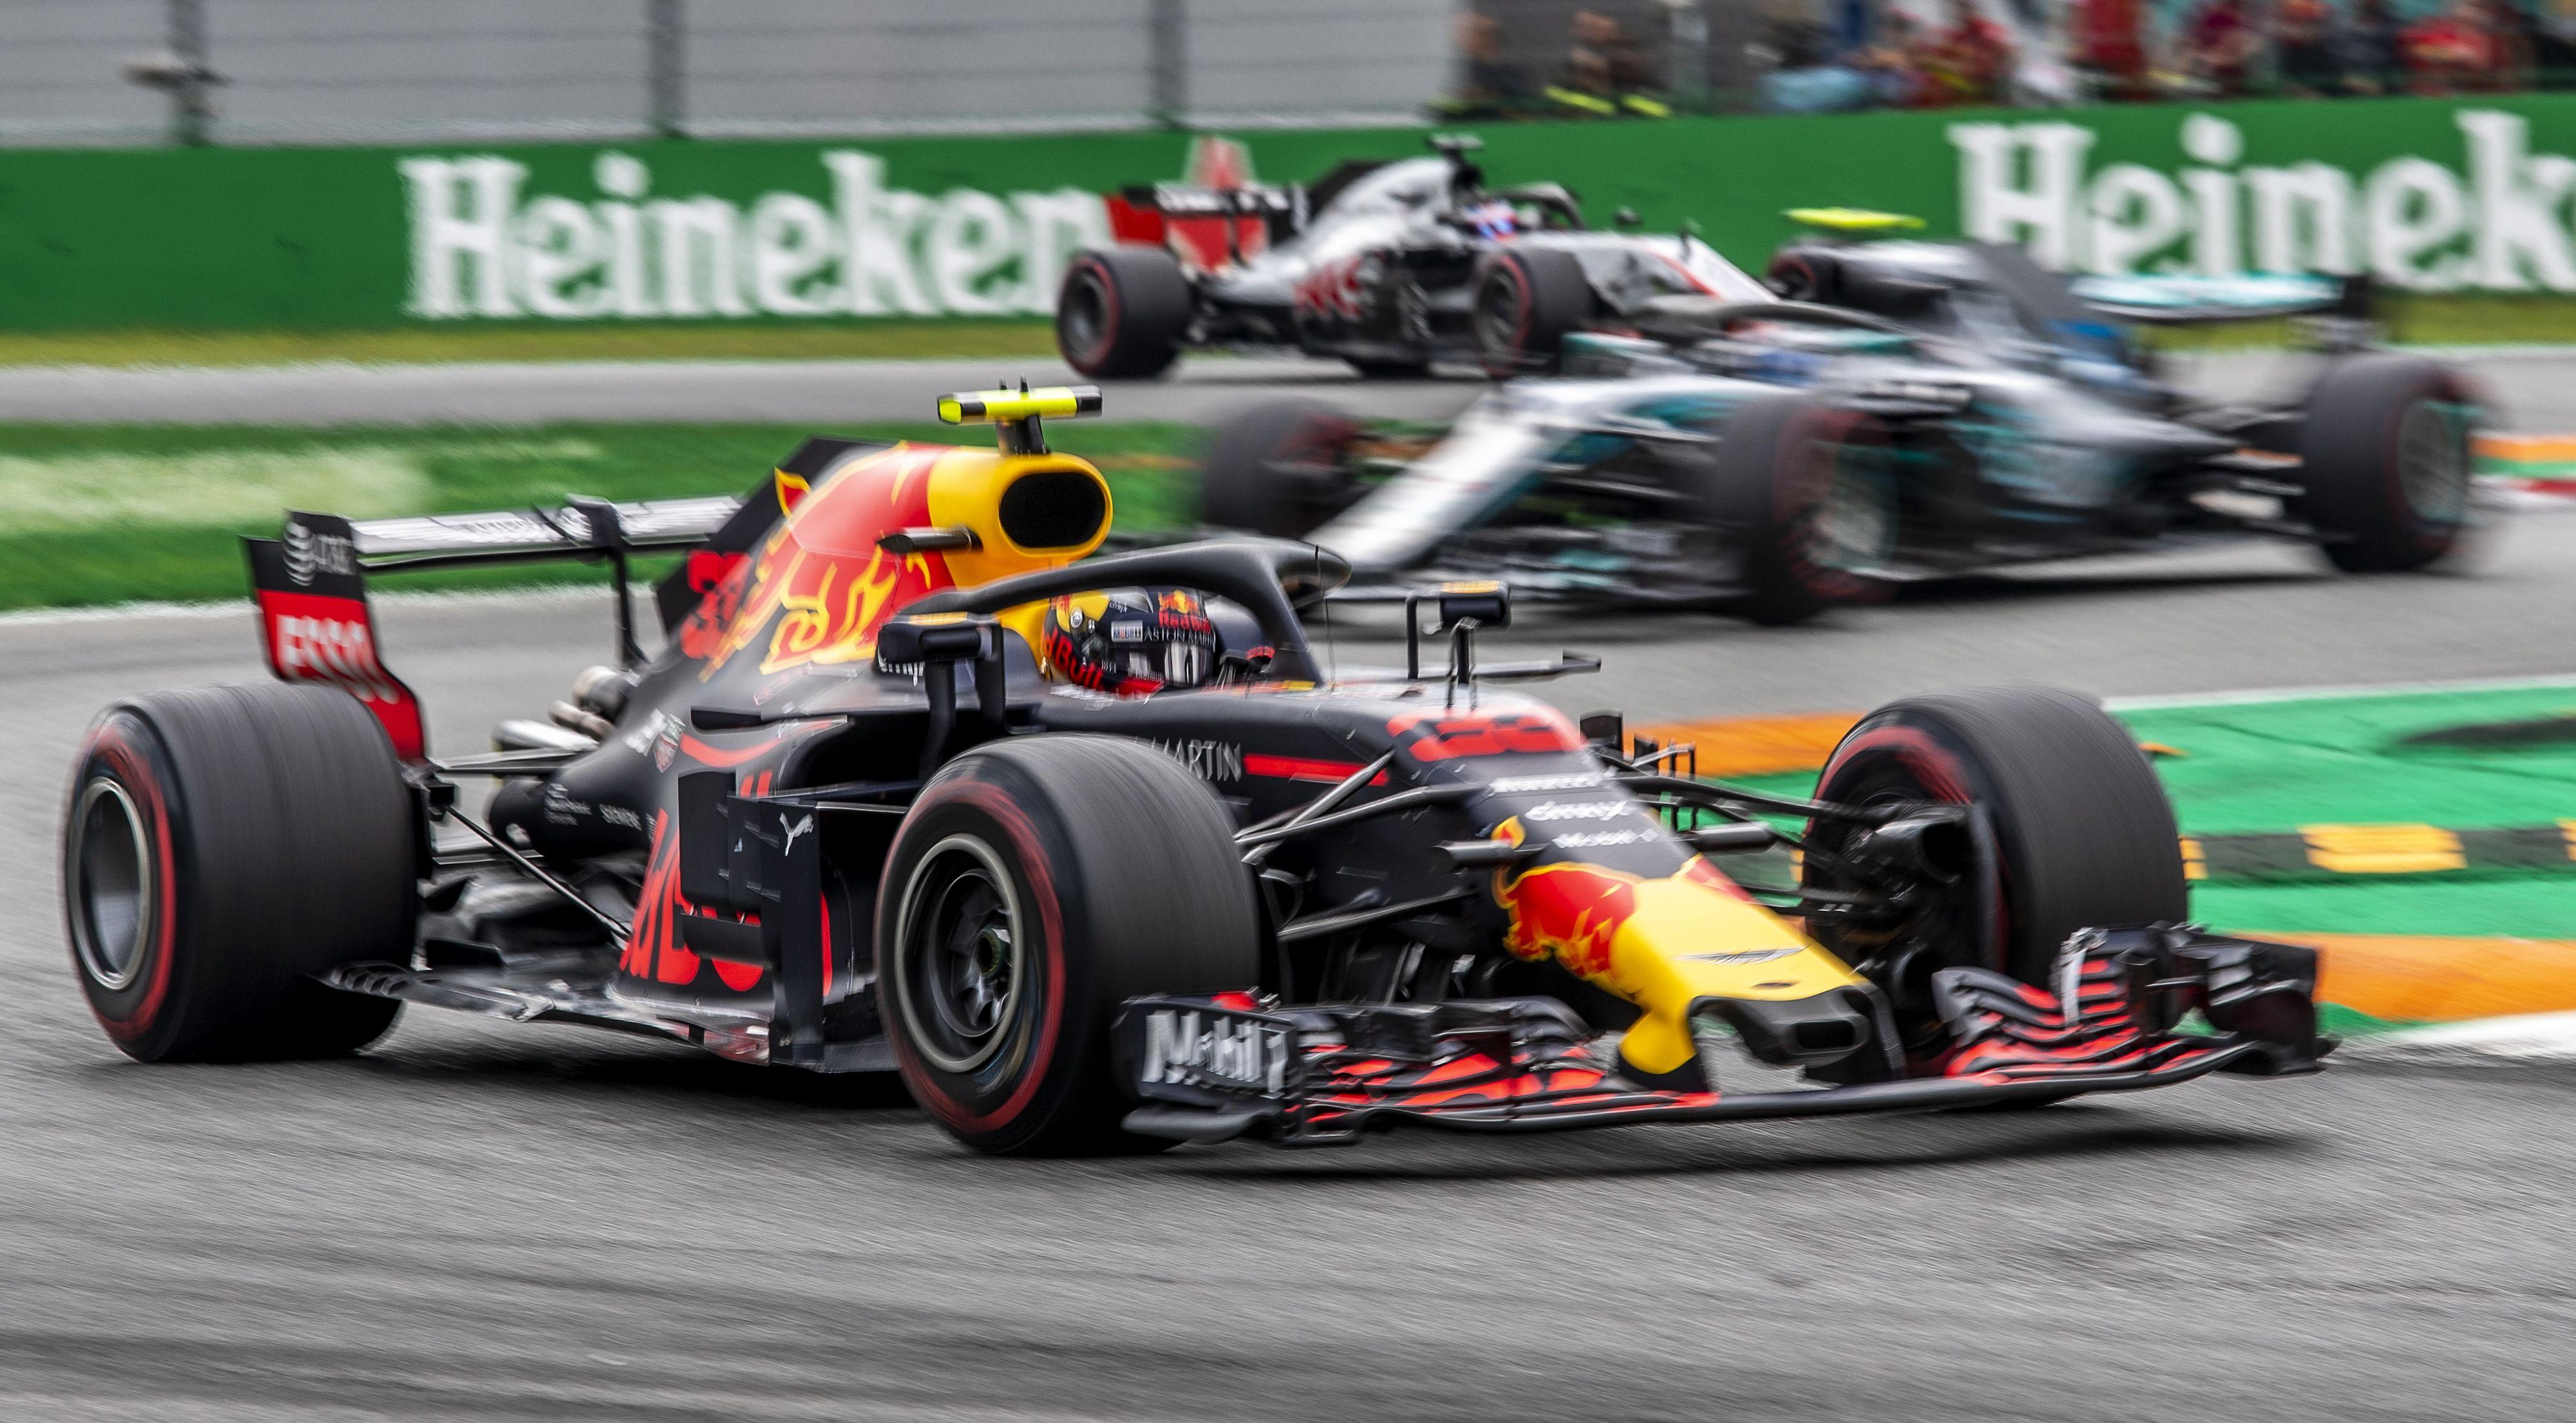 Geen podiumplek voor Verstappen in race Italië